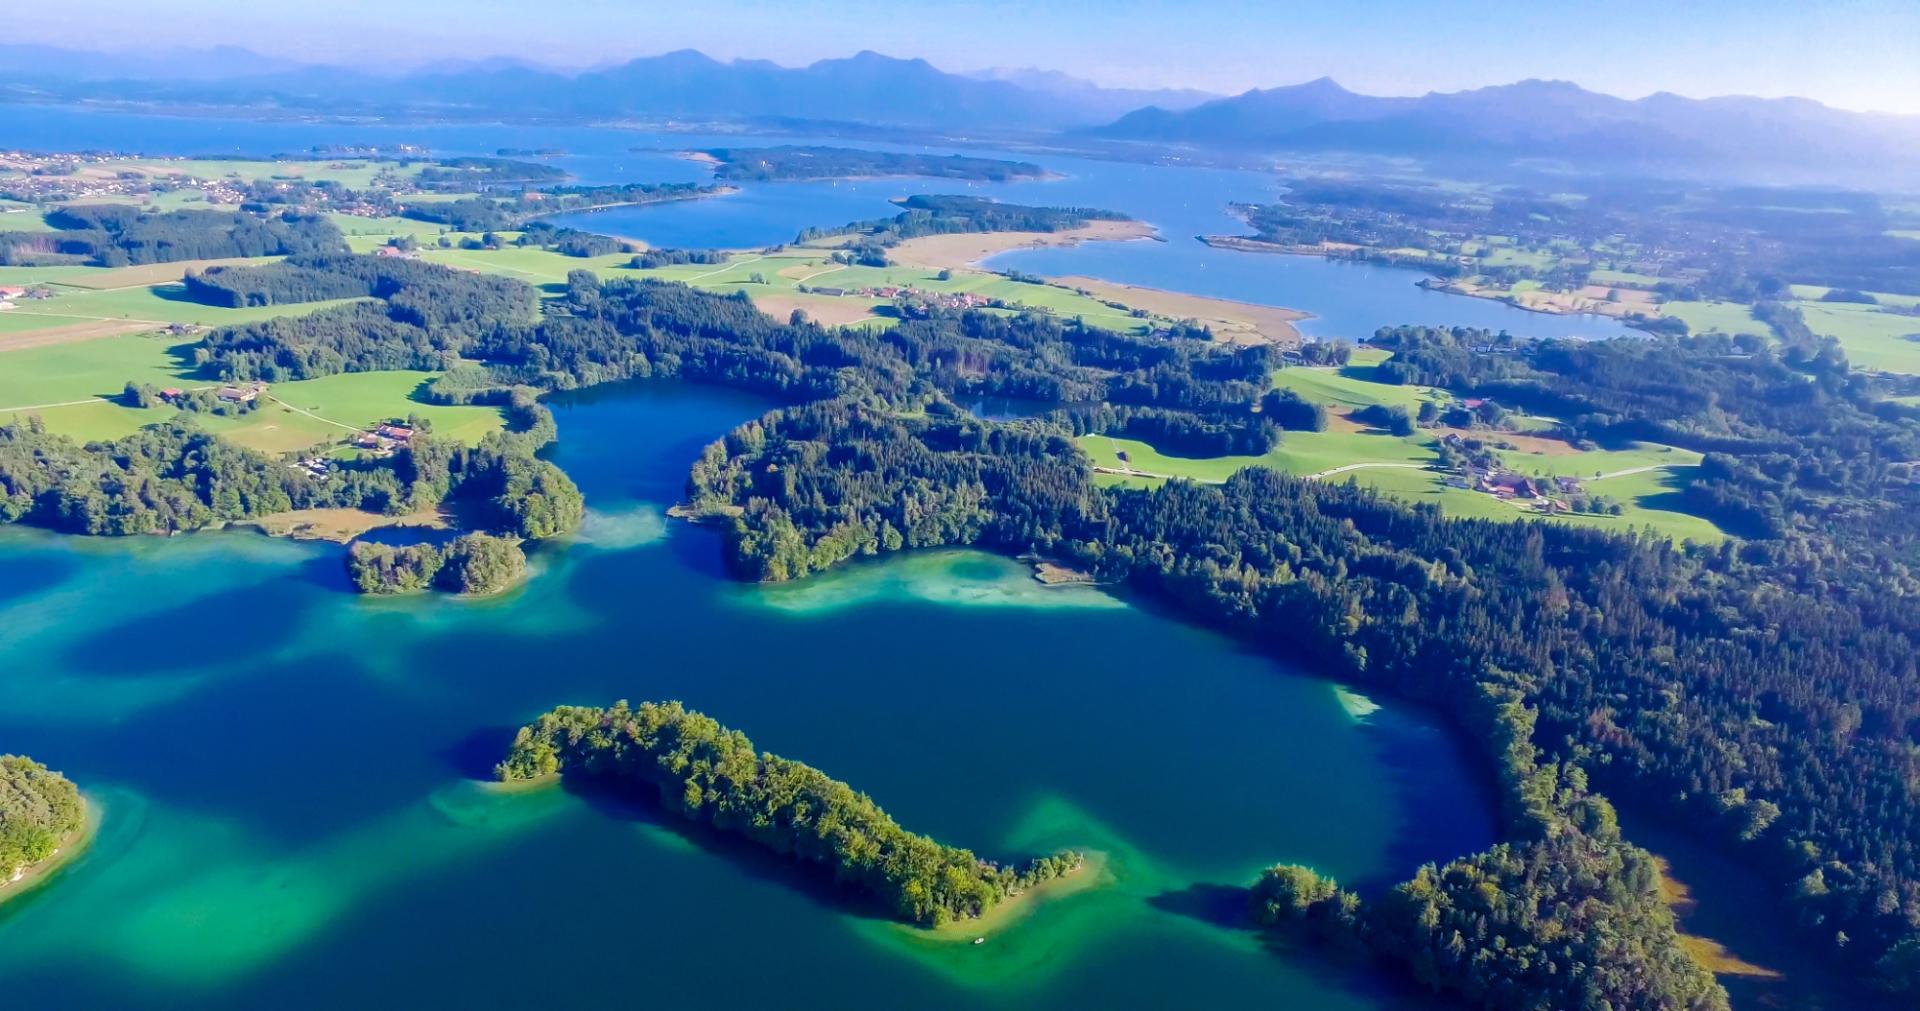 Luftbildaufnahme vom Chiemsee